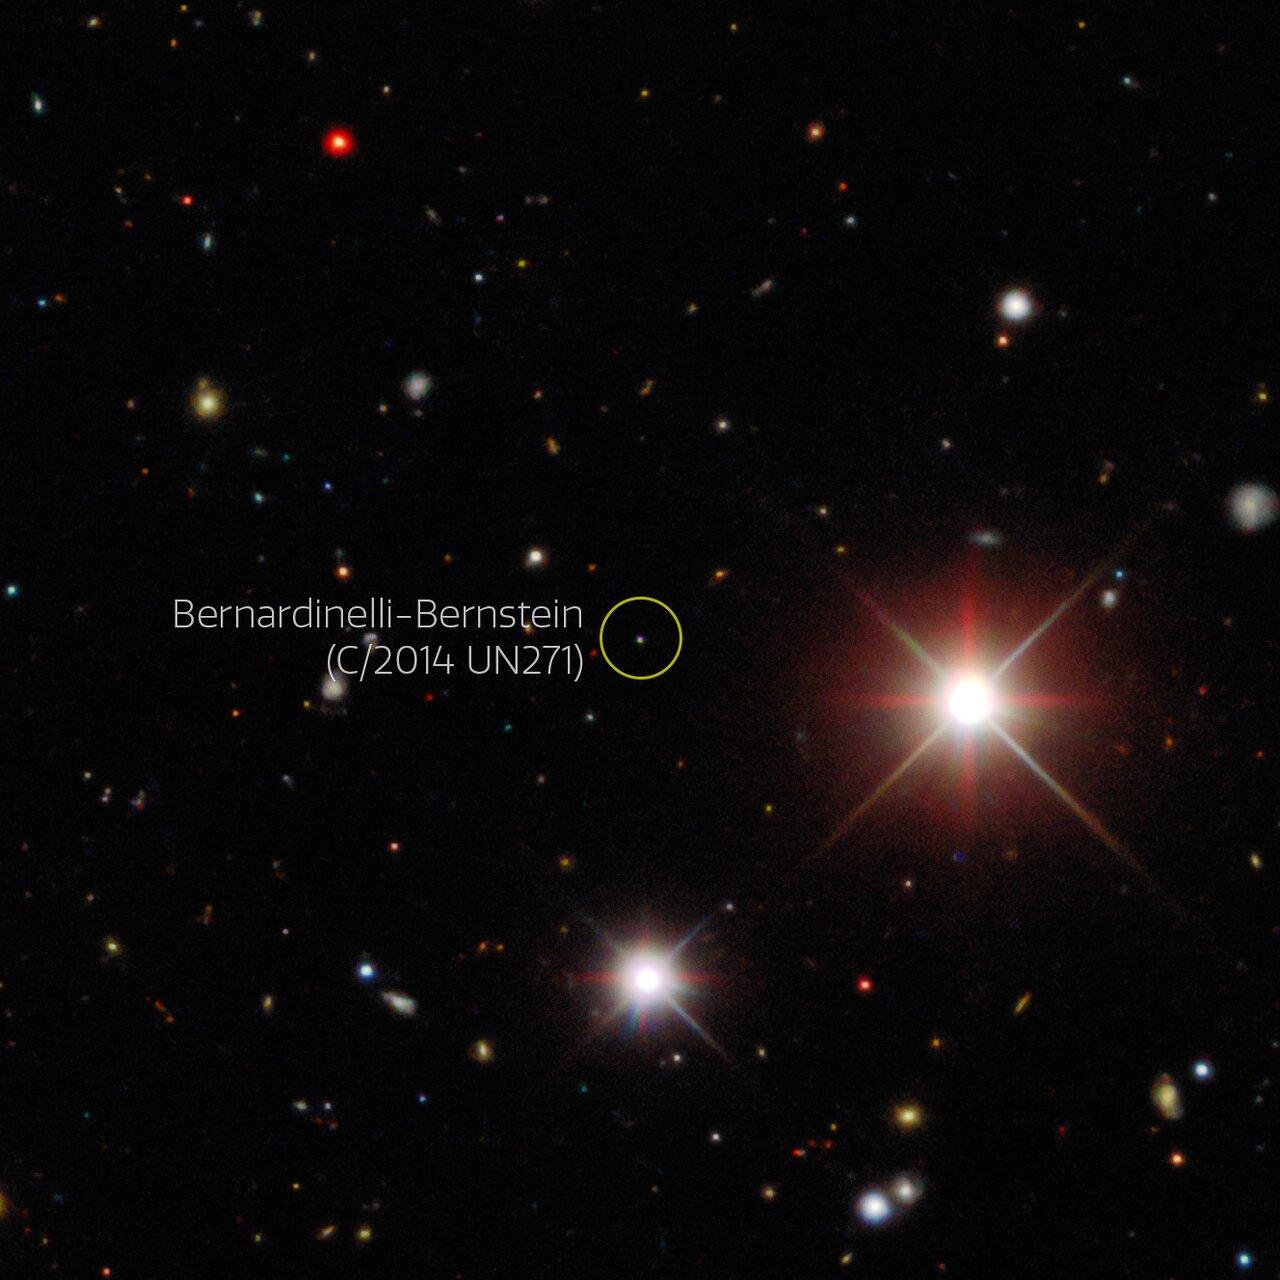 Ученые открыли гигантскую комету, которая пришла с окраин Солнечной системы (фото)